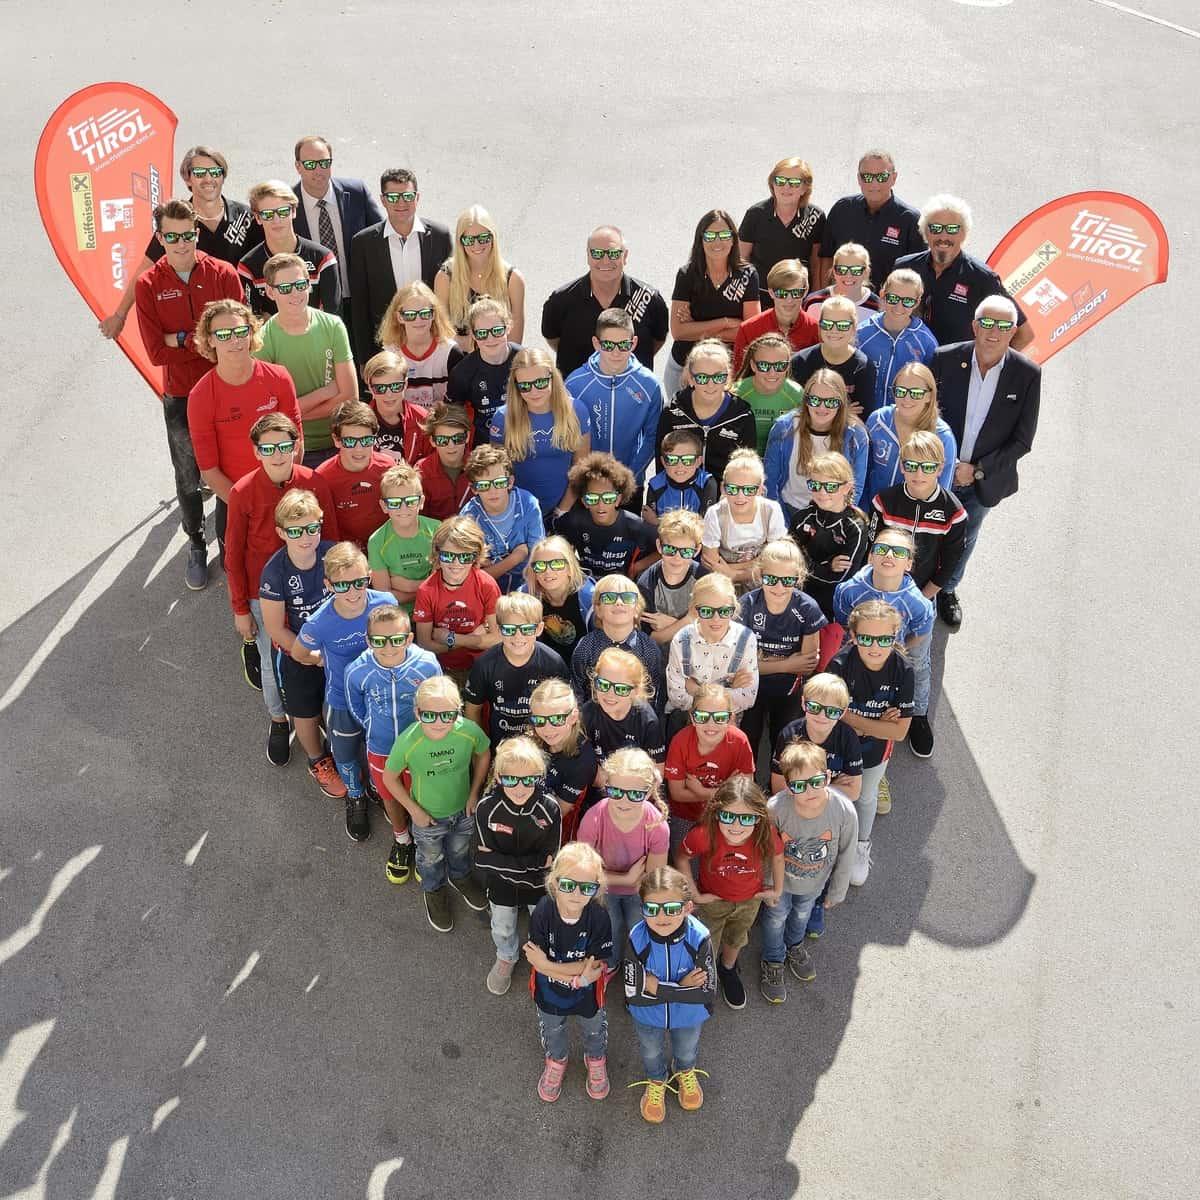 24 Jahre Kinder Triathlon Zug 1